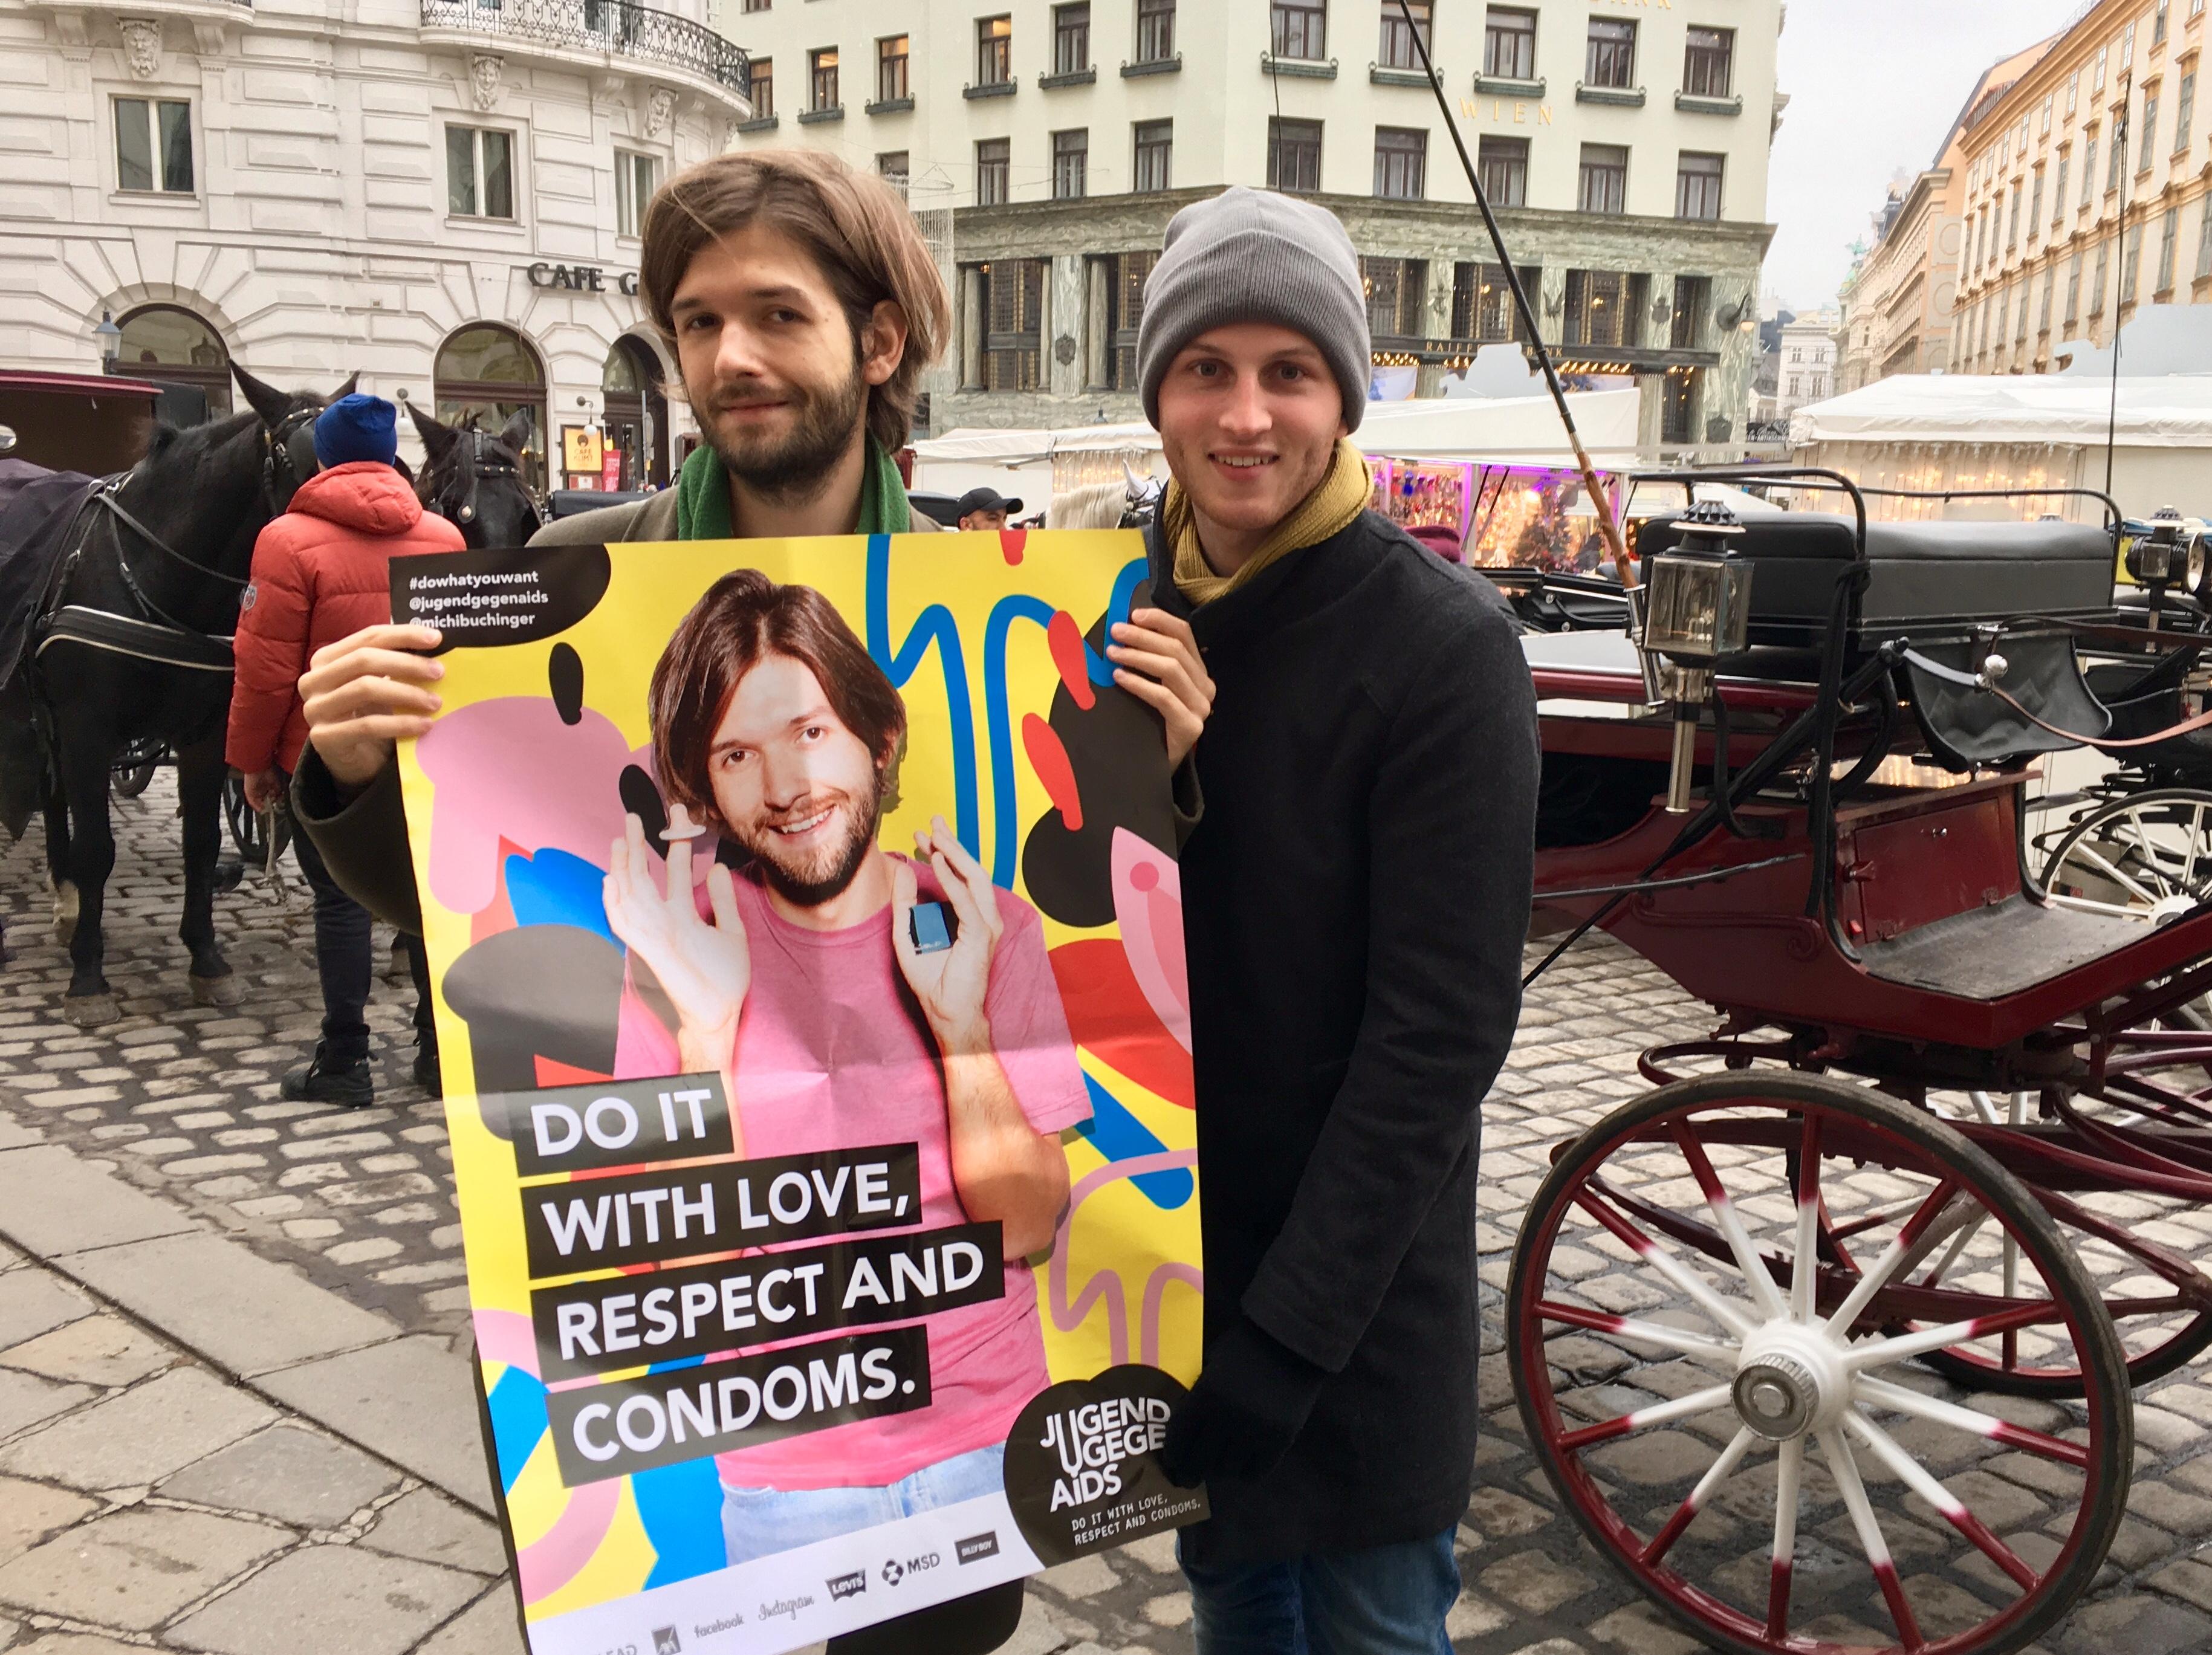 JugendgegenAIDS